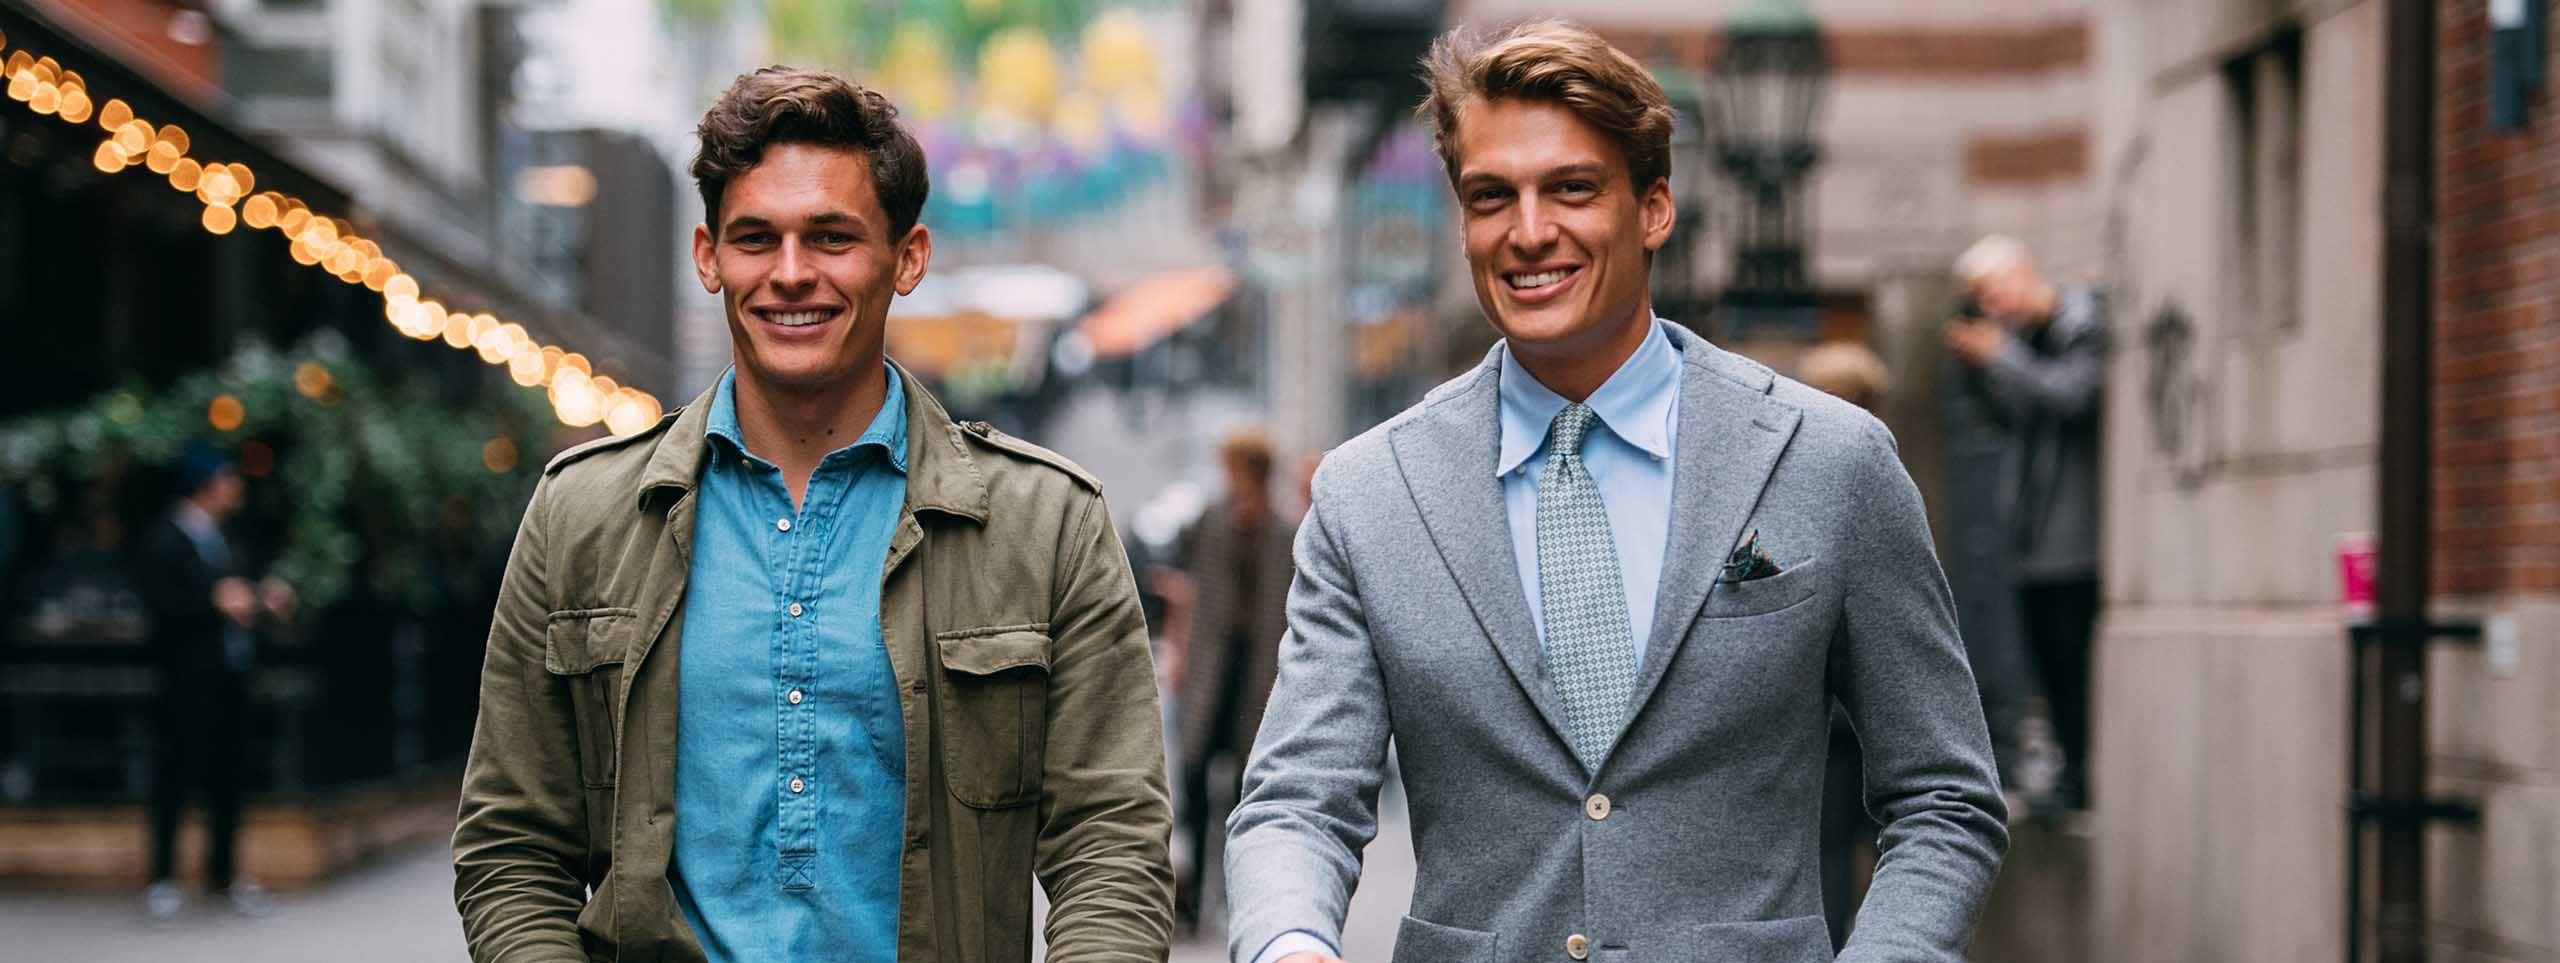 Dva muškarca u poslovnoj odjeći s poslovnim frizurama